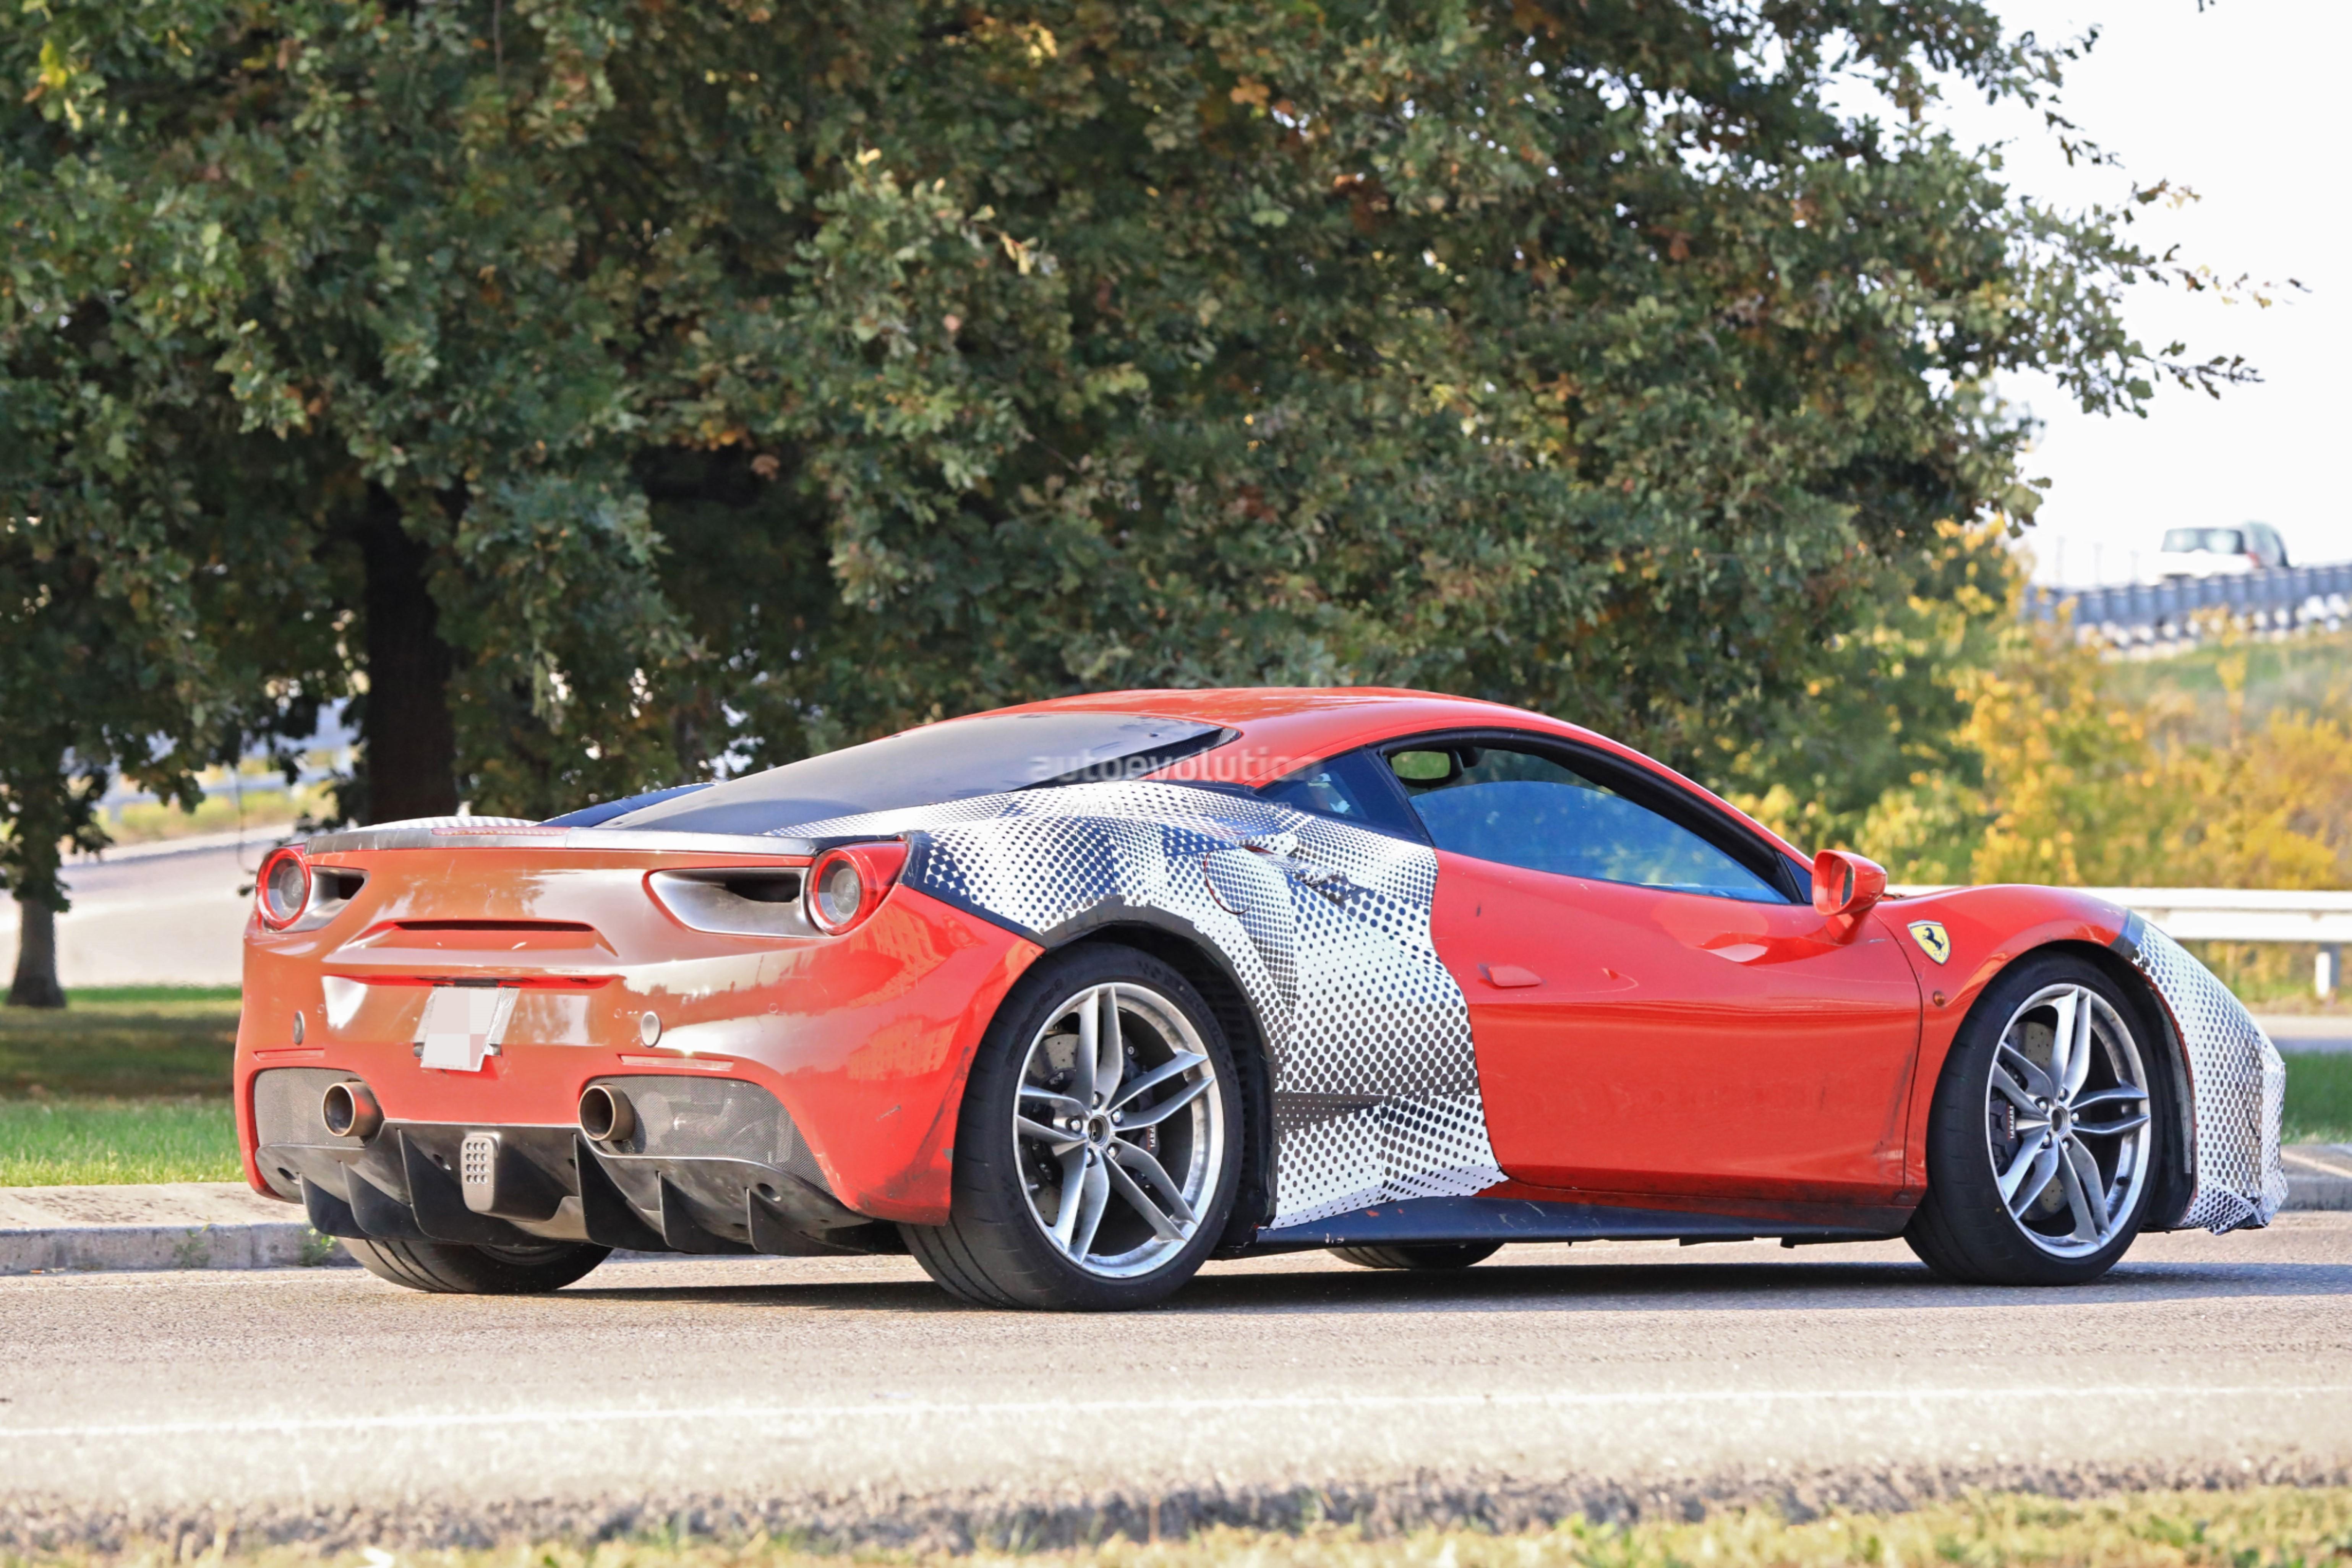 2019 Ferrari 488 GTO Has \u201cMost Powerful V8 Engine In Ferrari